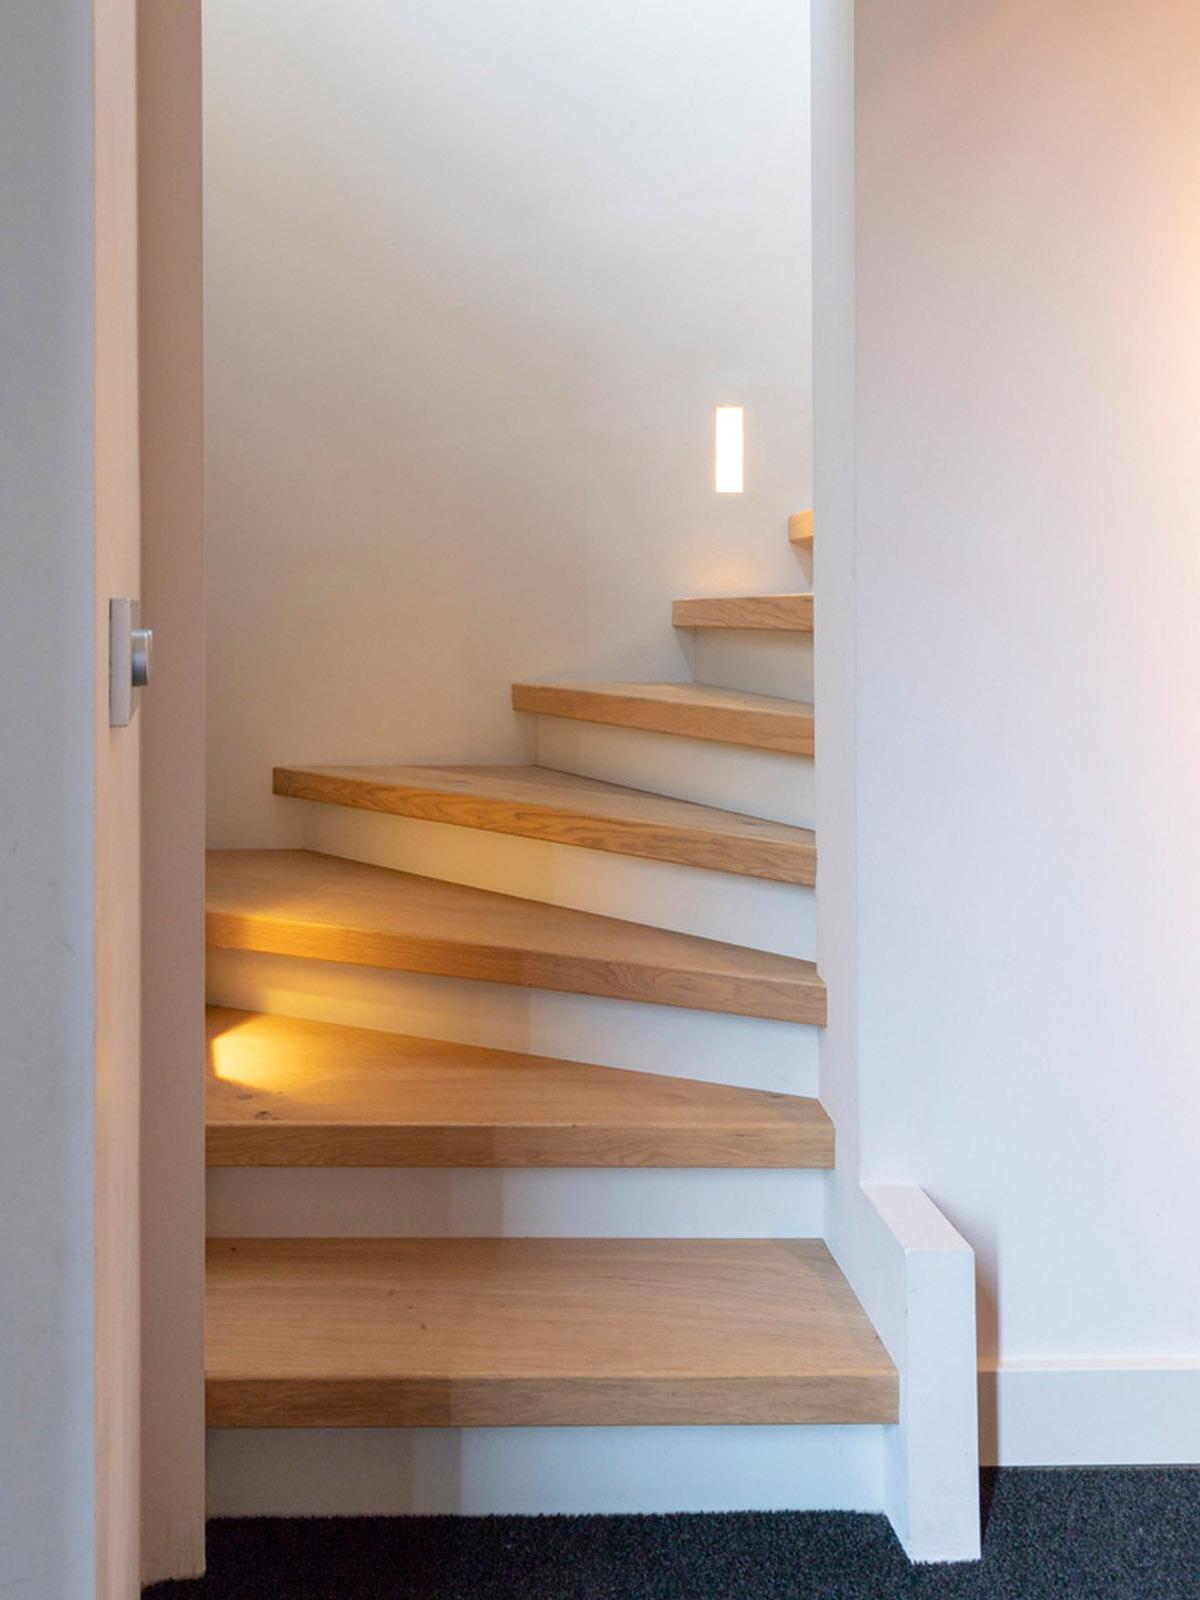 jeroen_de_nijs_ijburg_living_stairs_bathroom